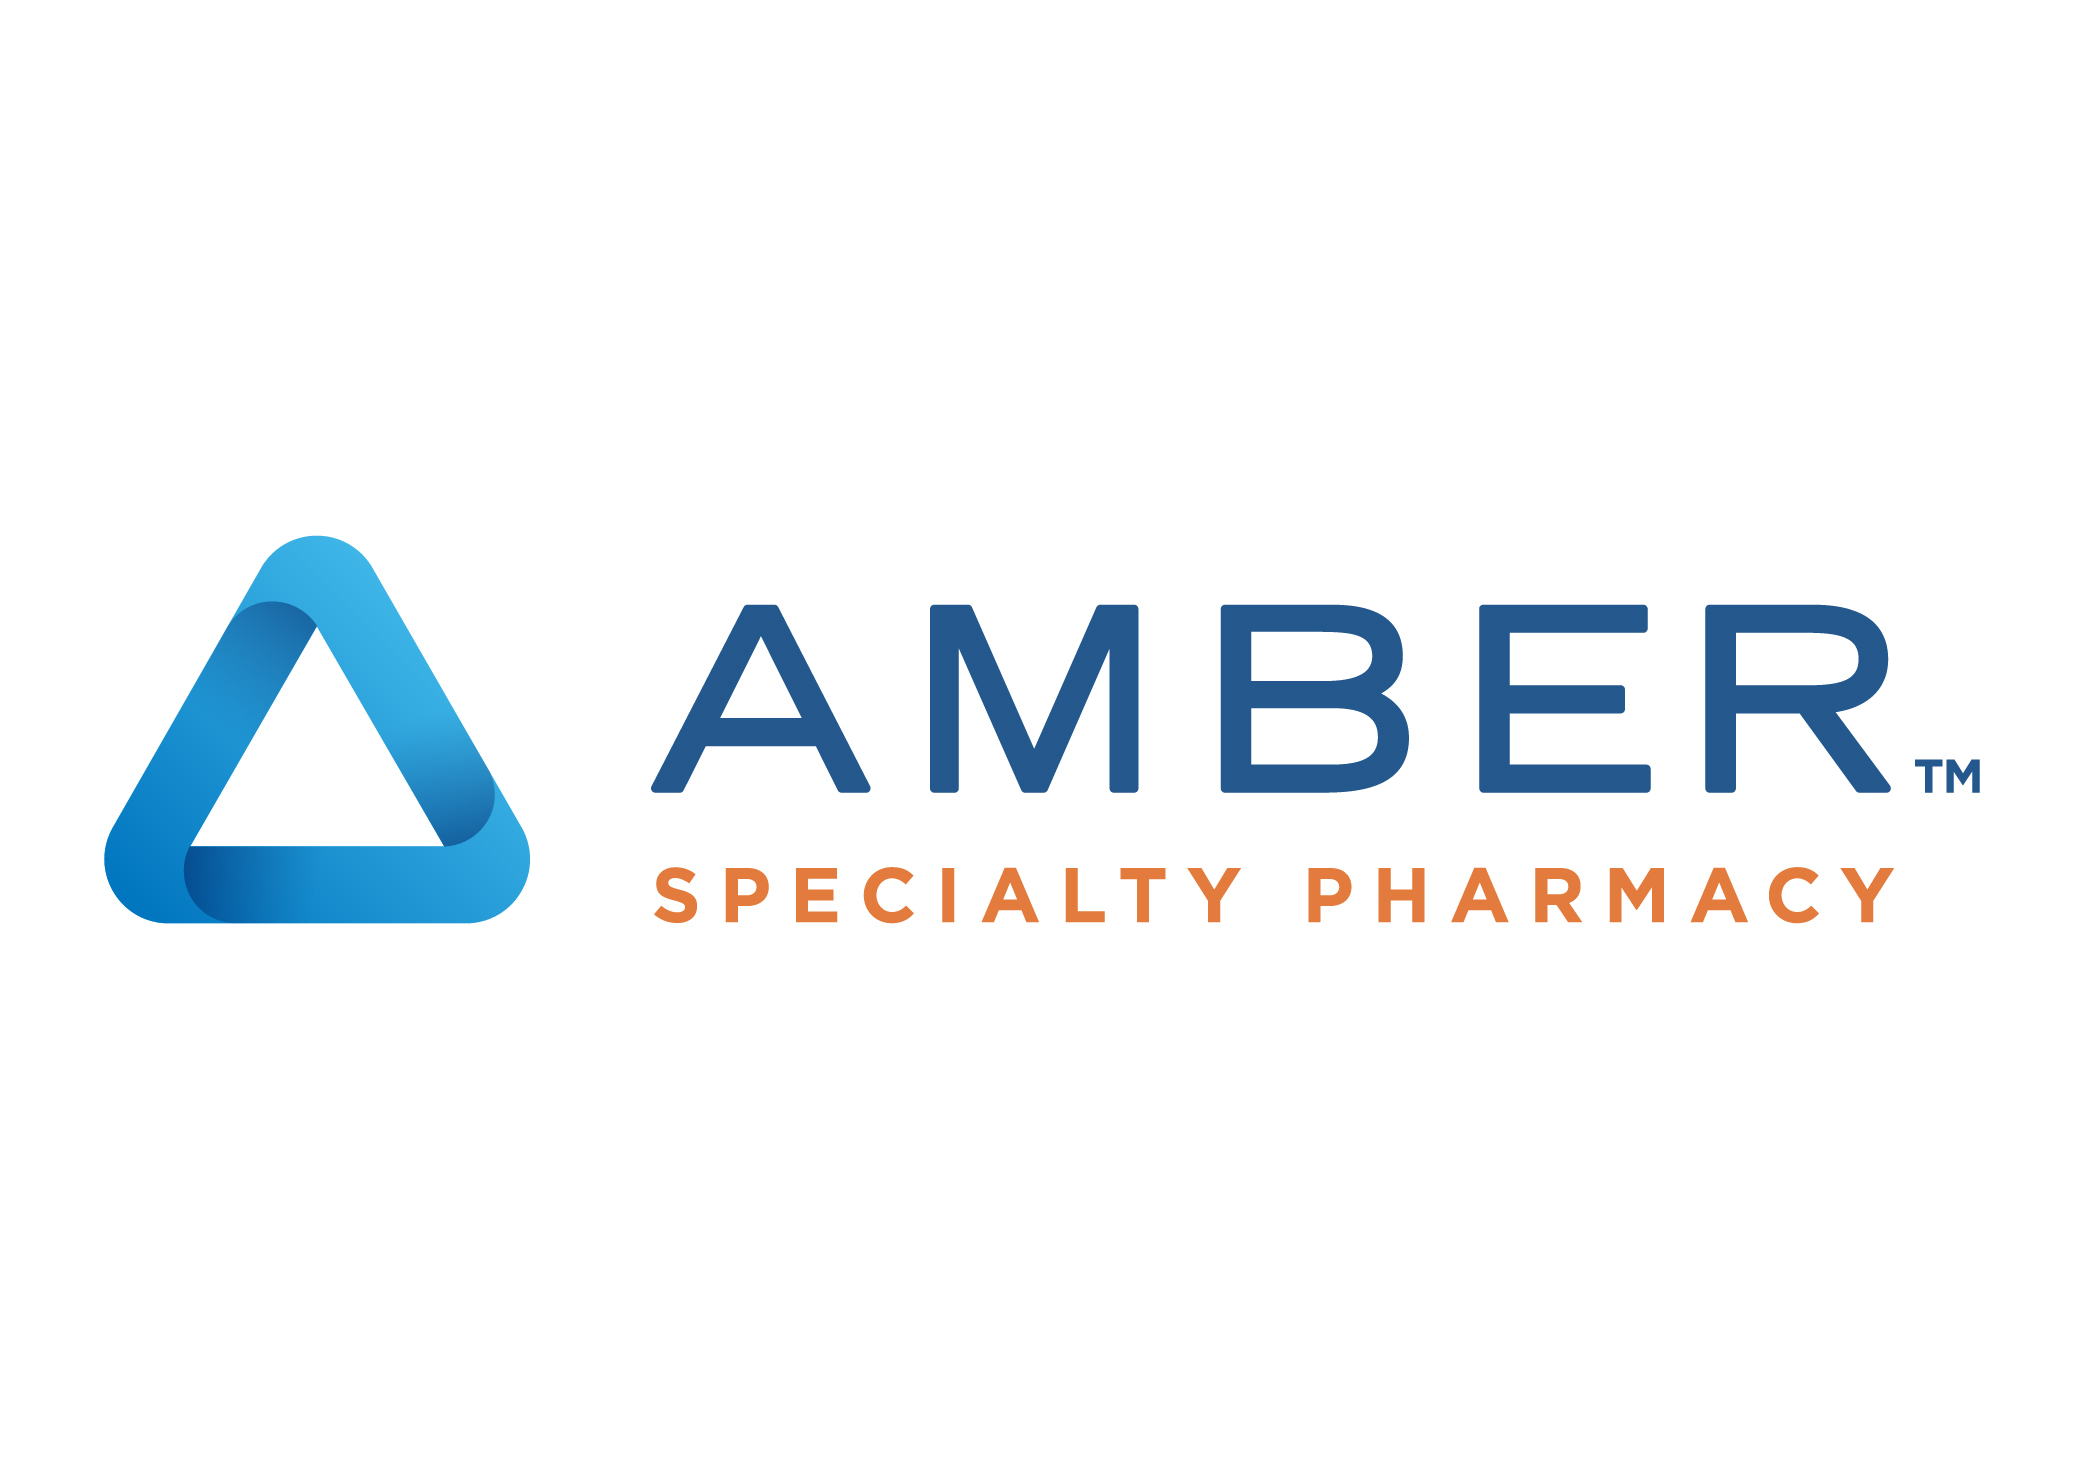 Amber Specialty Pharmacy